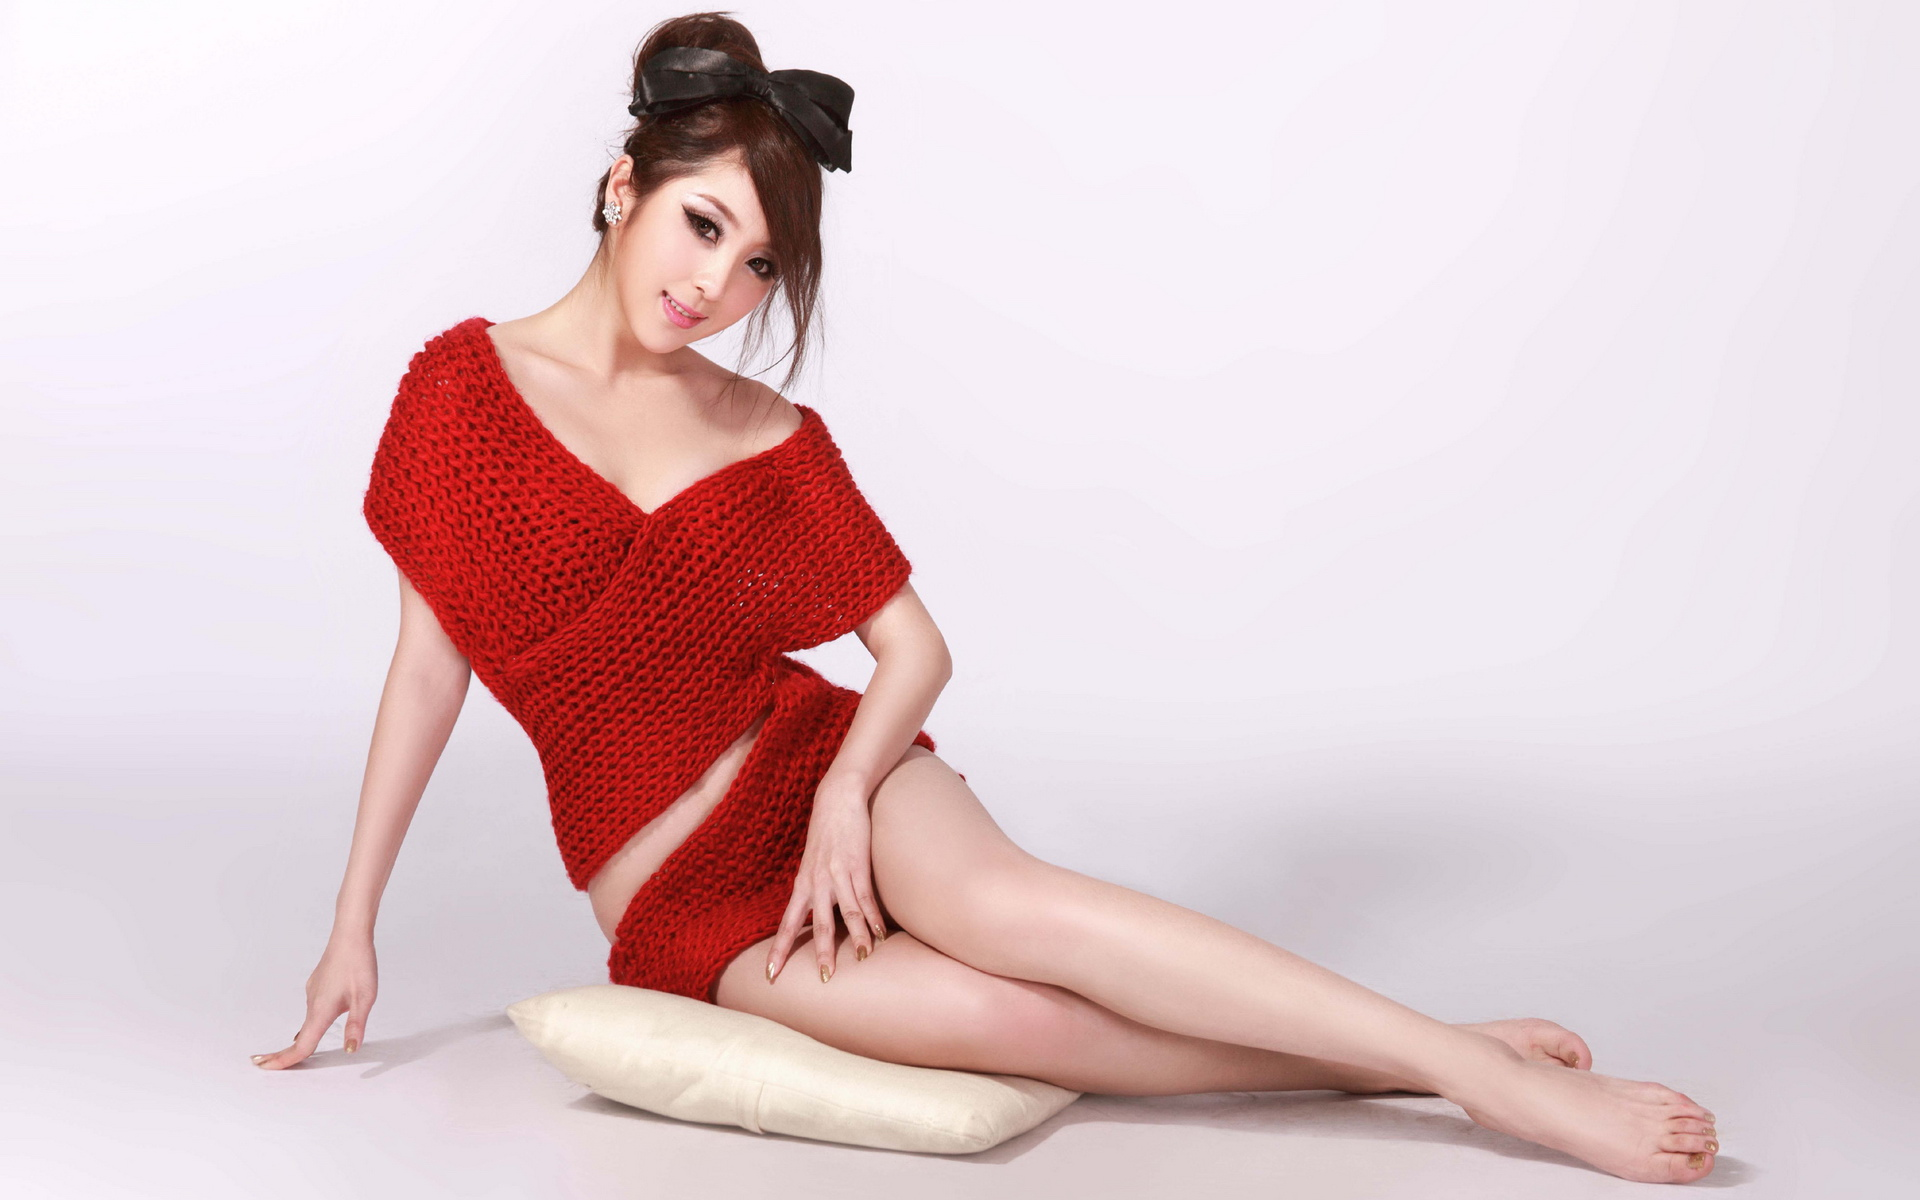 360壁纸中白色背景穿红色毛衣坐在地上露美腿的美女